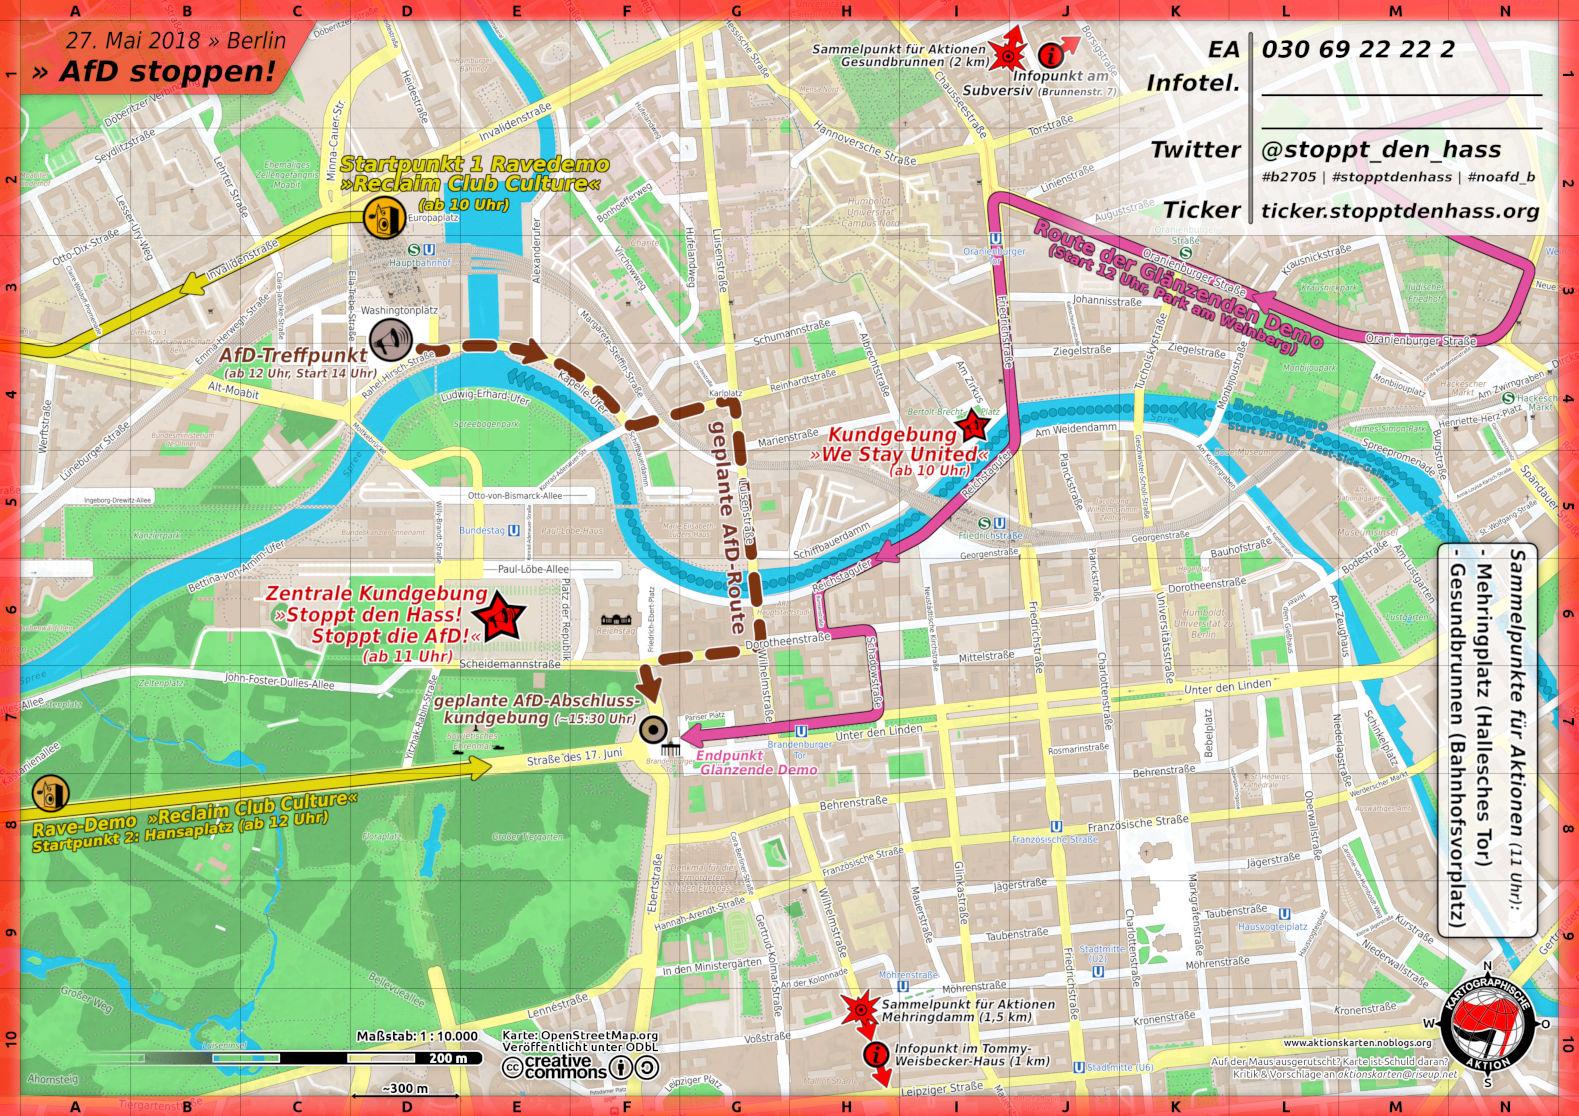 Rote Karte Gesundheitsamt Berlin.Rote Karte Berlin Lichtenberg Ohne Termin Langer Warten Auf